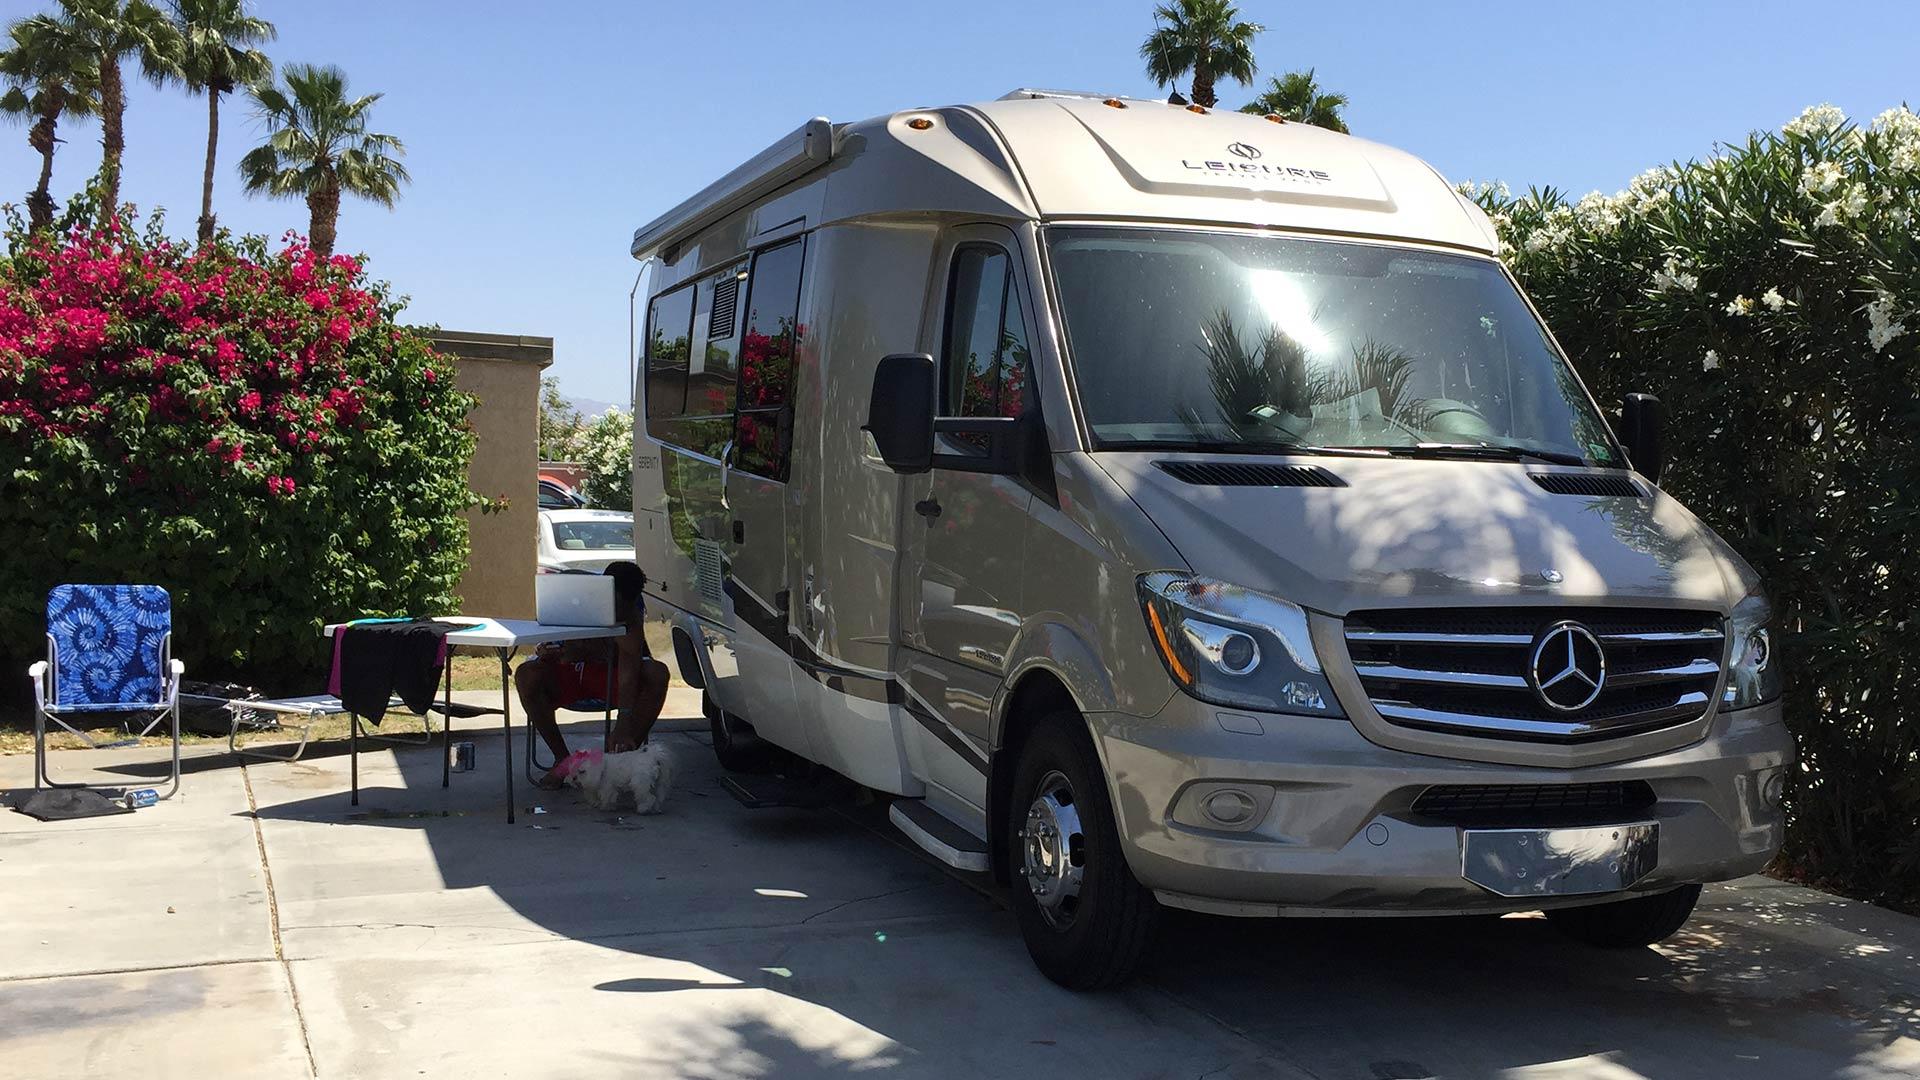 coachella car camping